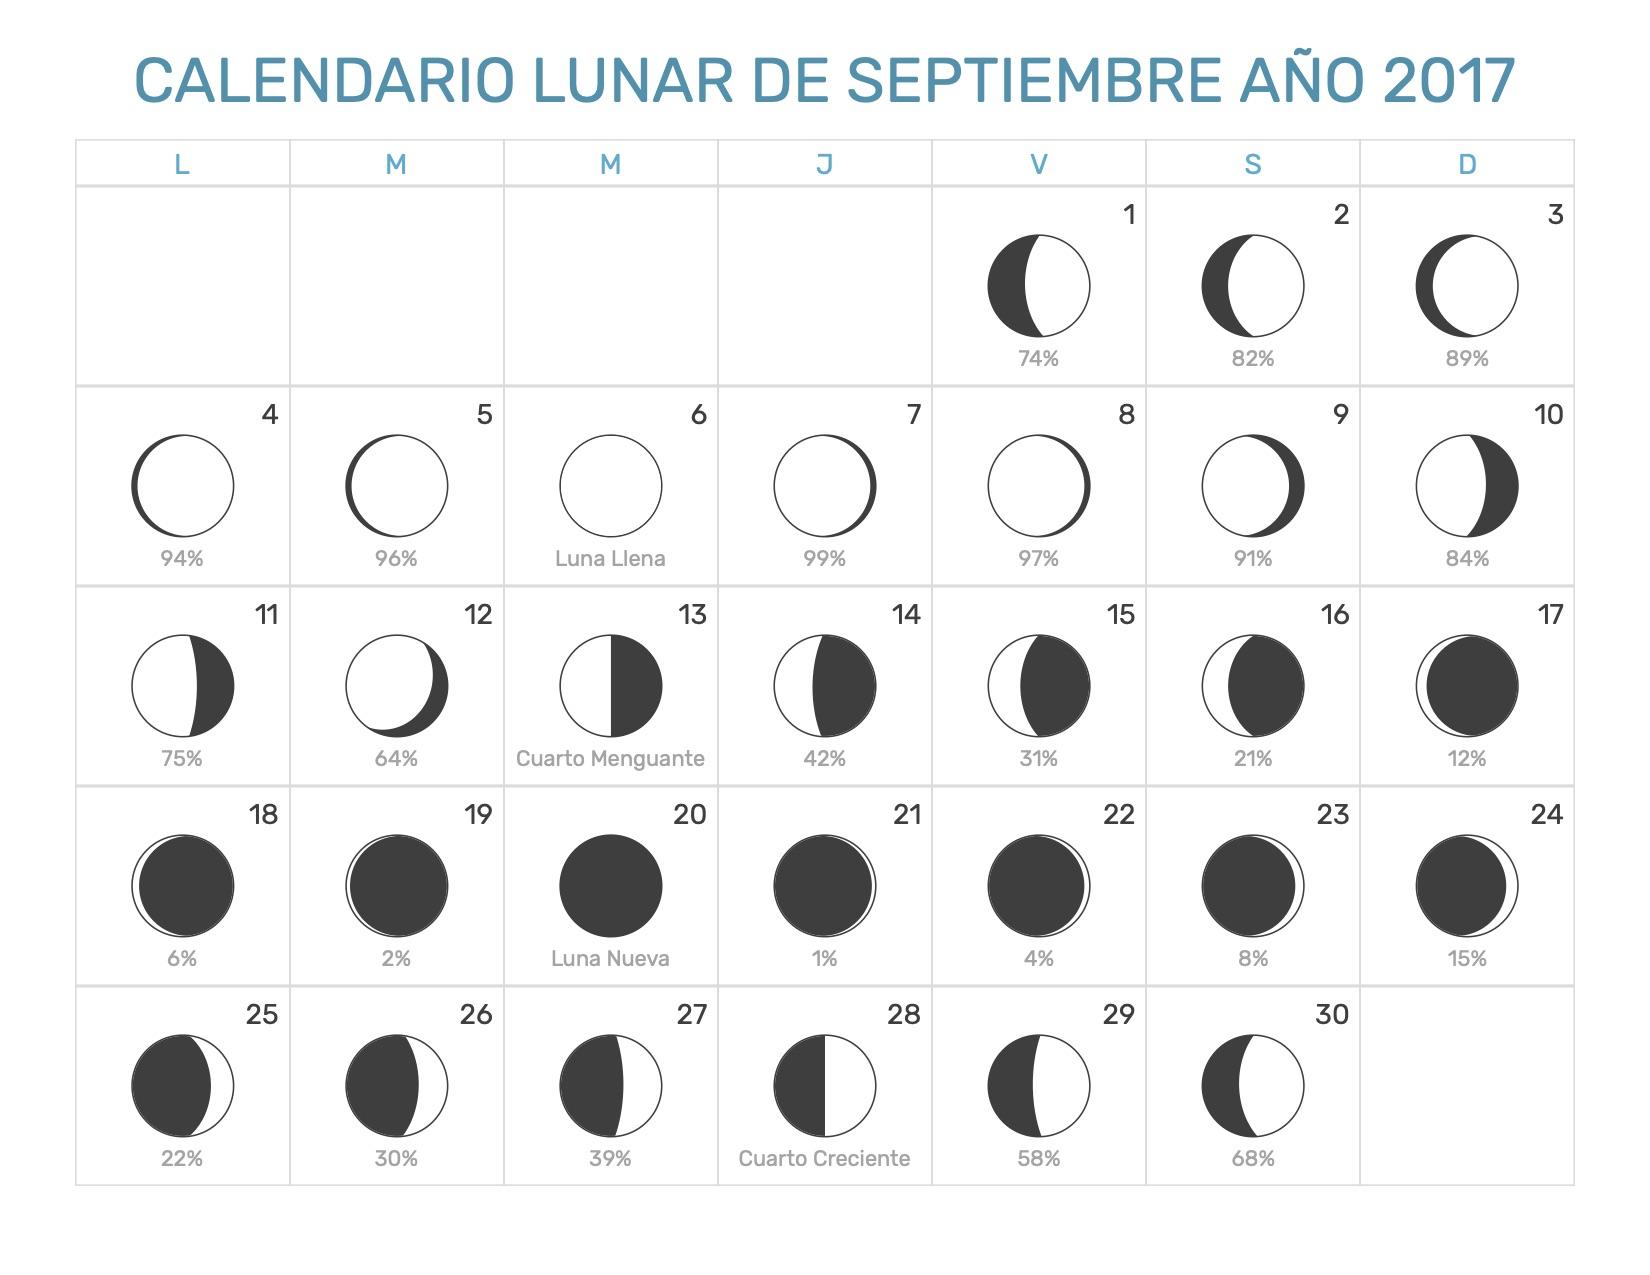 Calendario lunar septiembre 2017 Calendario 2017 con lunas